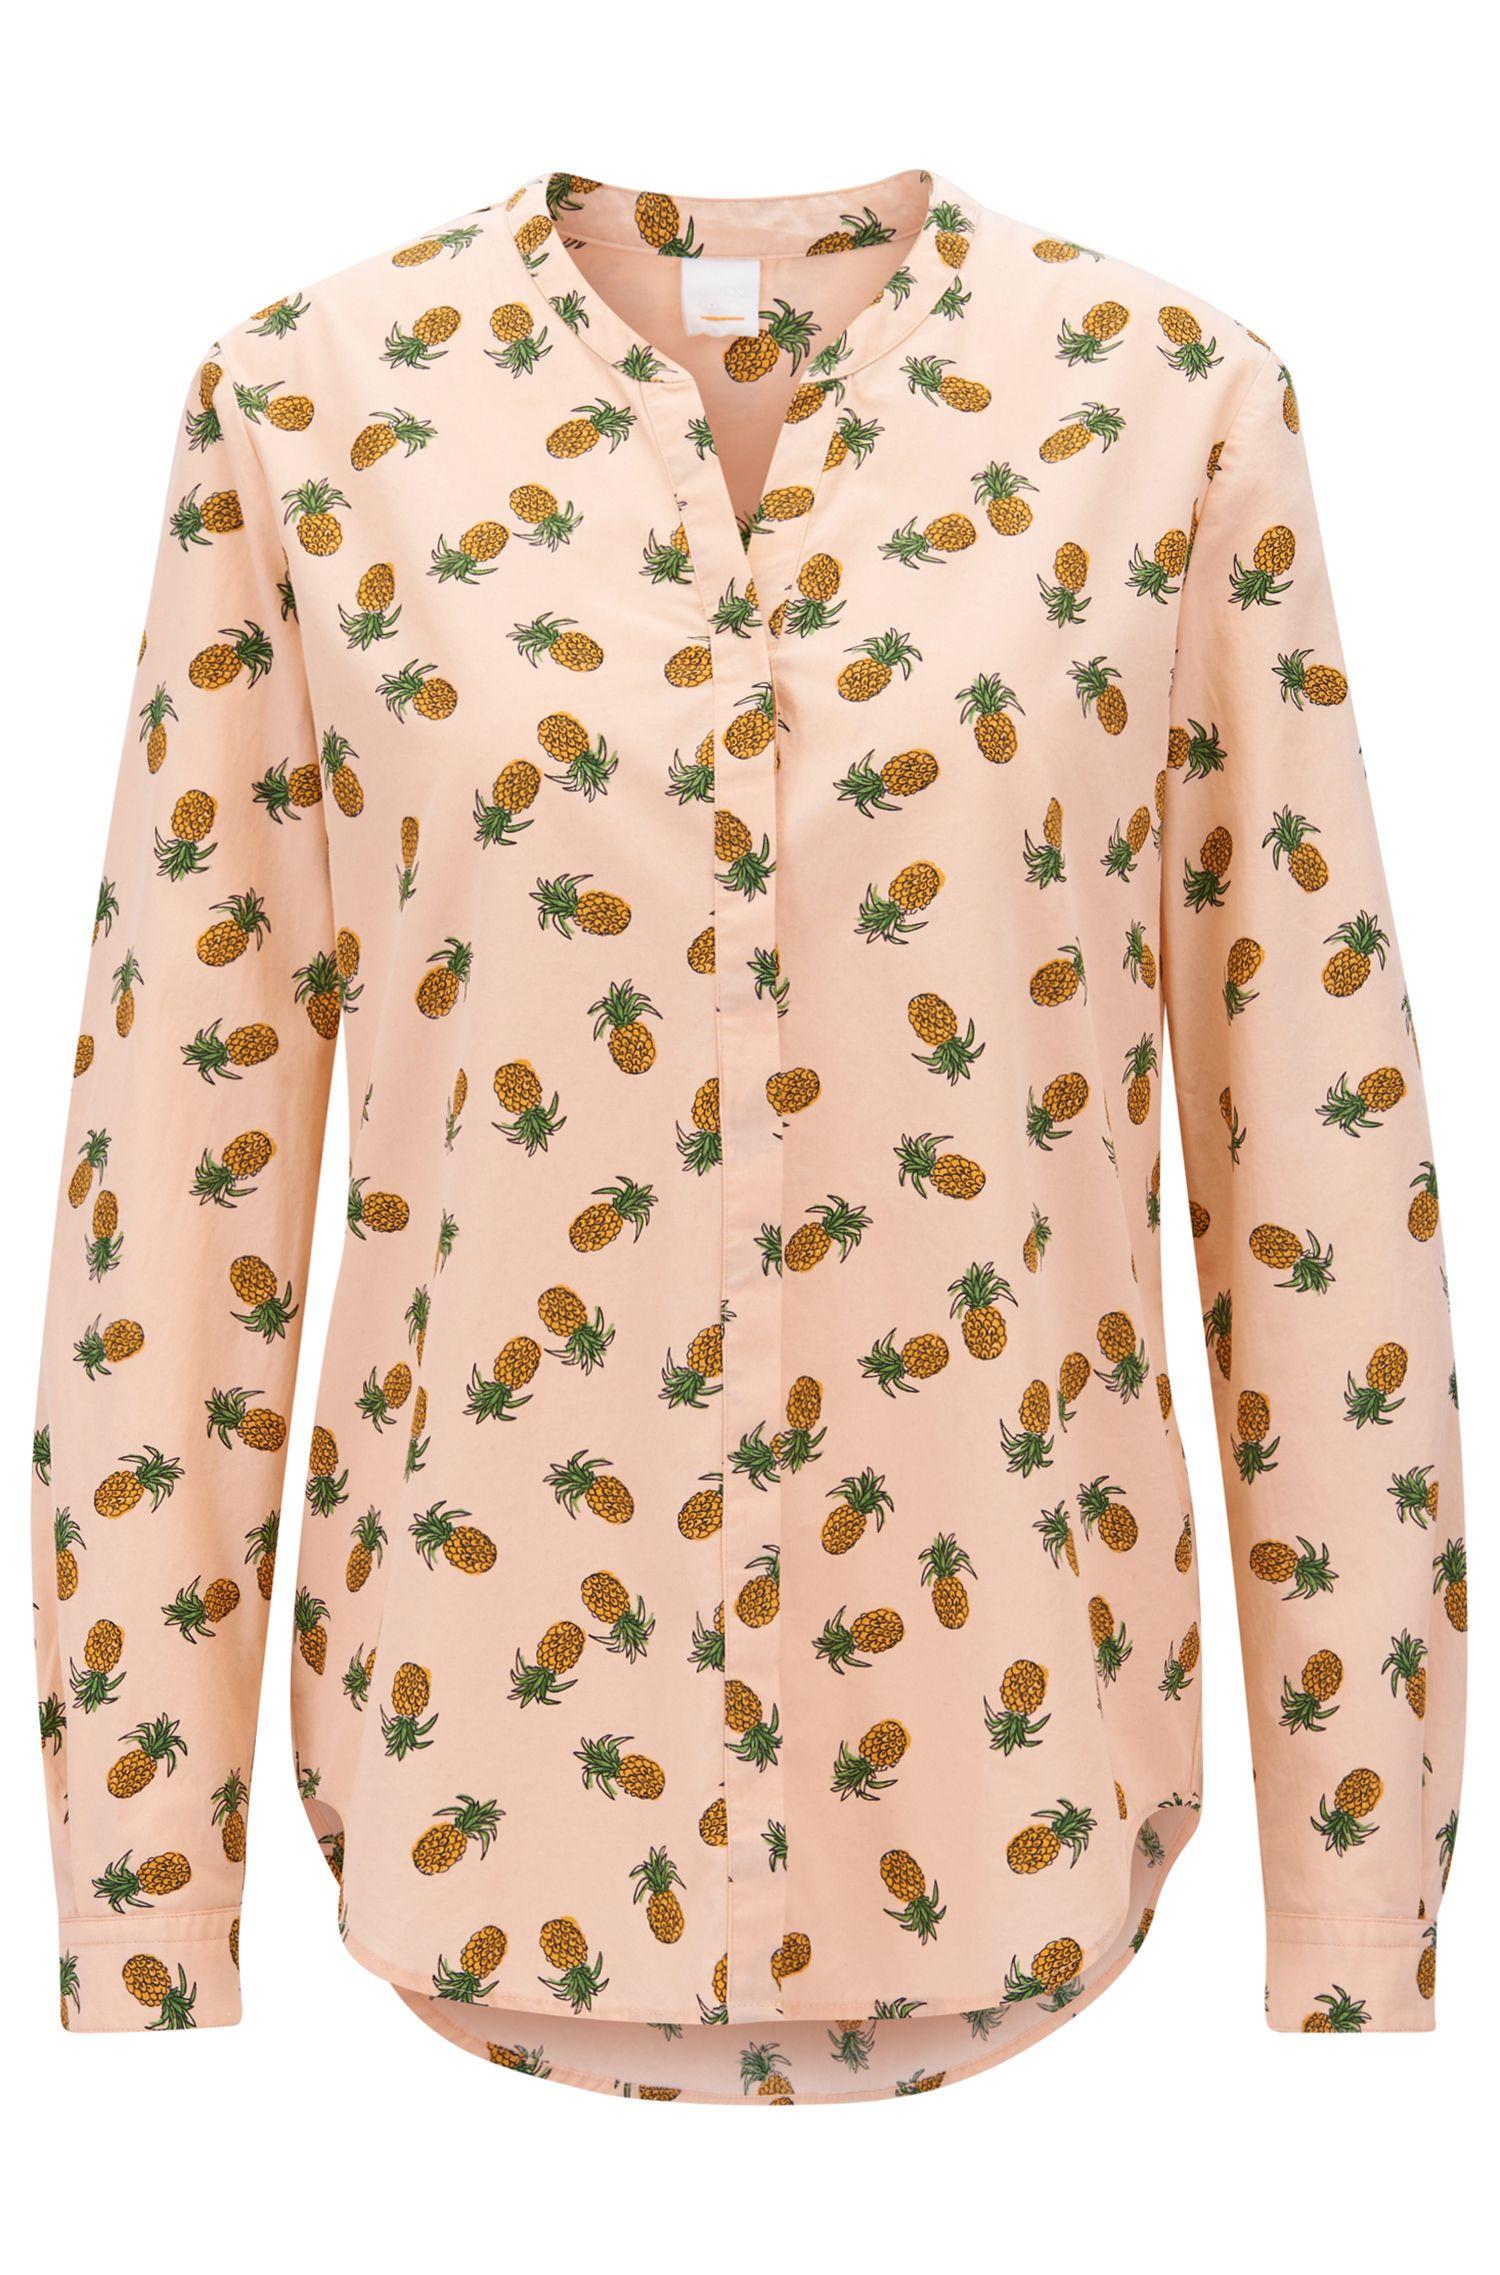 Camicetta in tela di cotone con ananas stampate